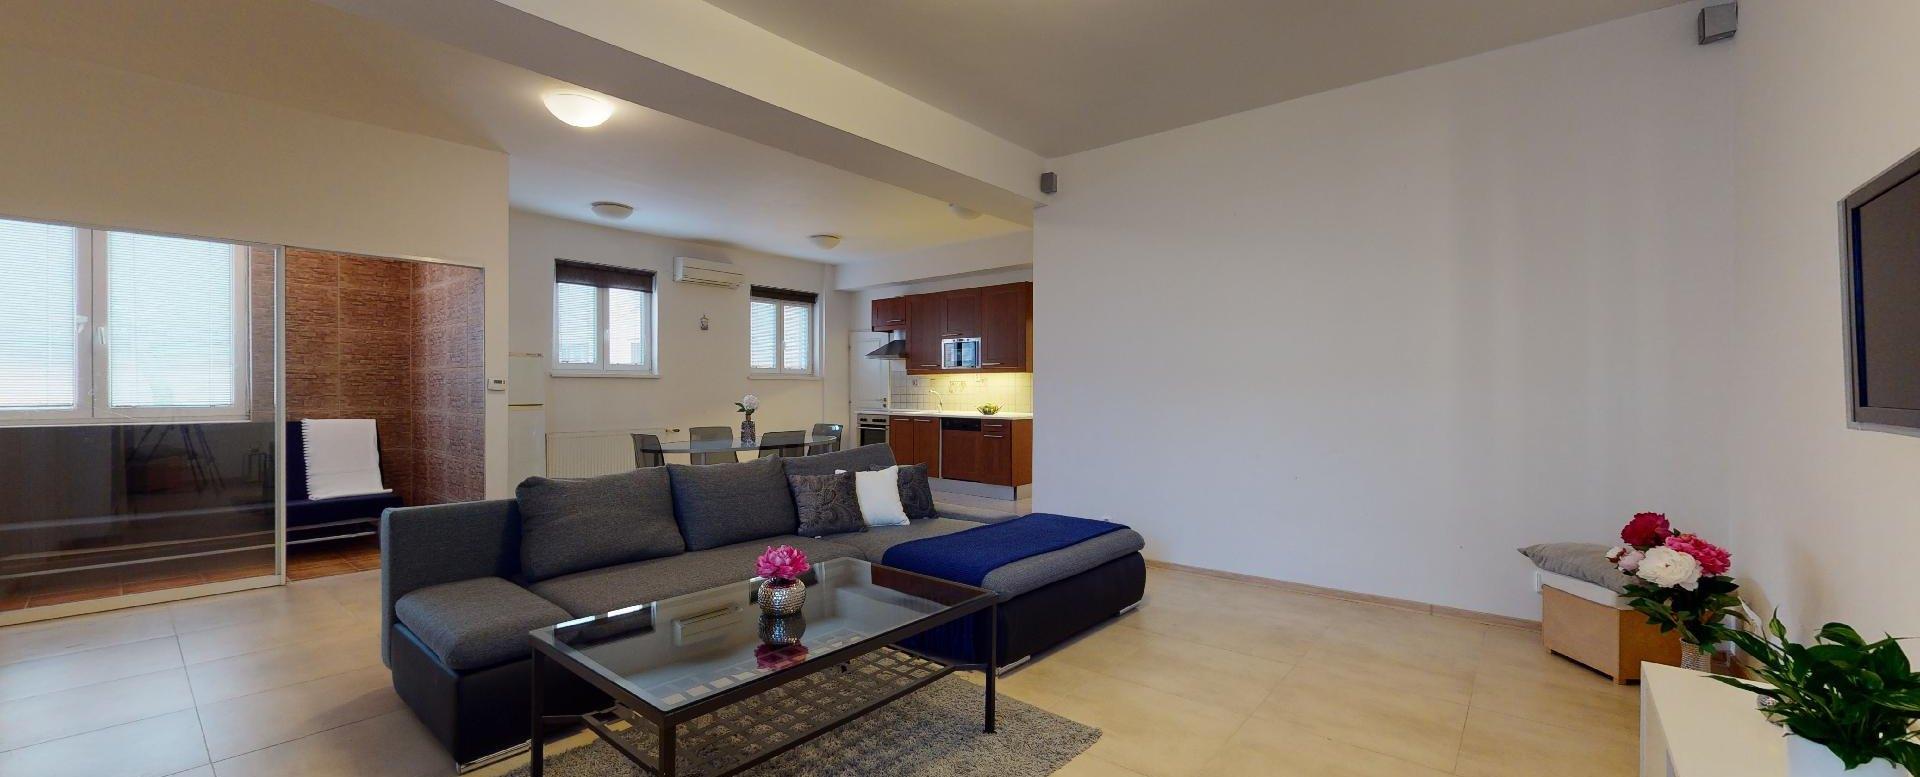 Pohľad na obývaciu izbu s kuchyňou 2-izbového bytu v Manderláku